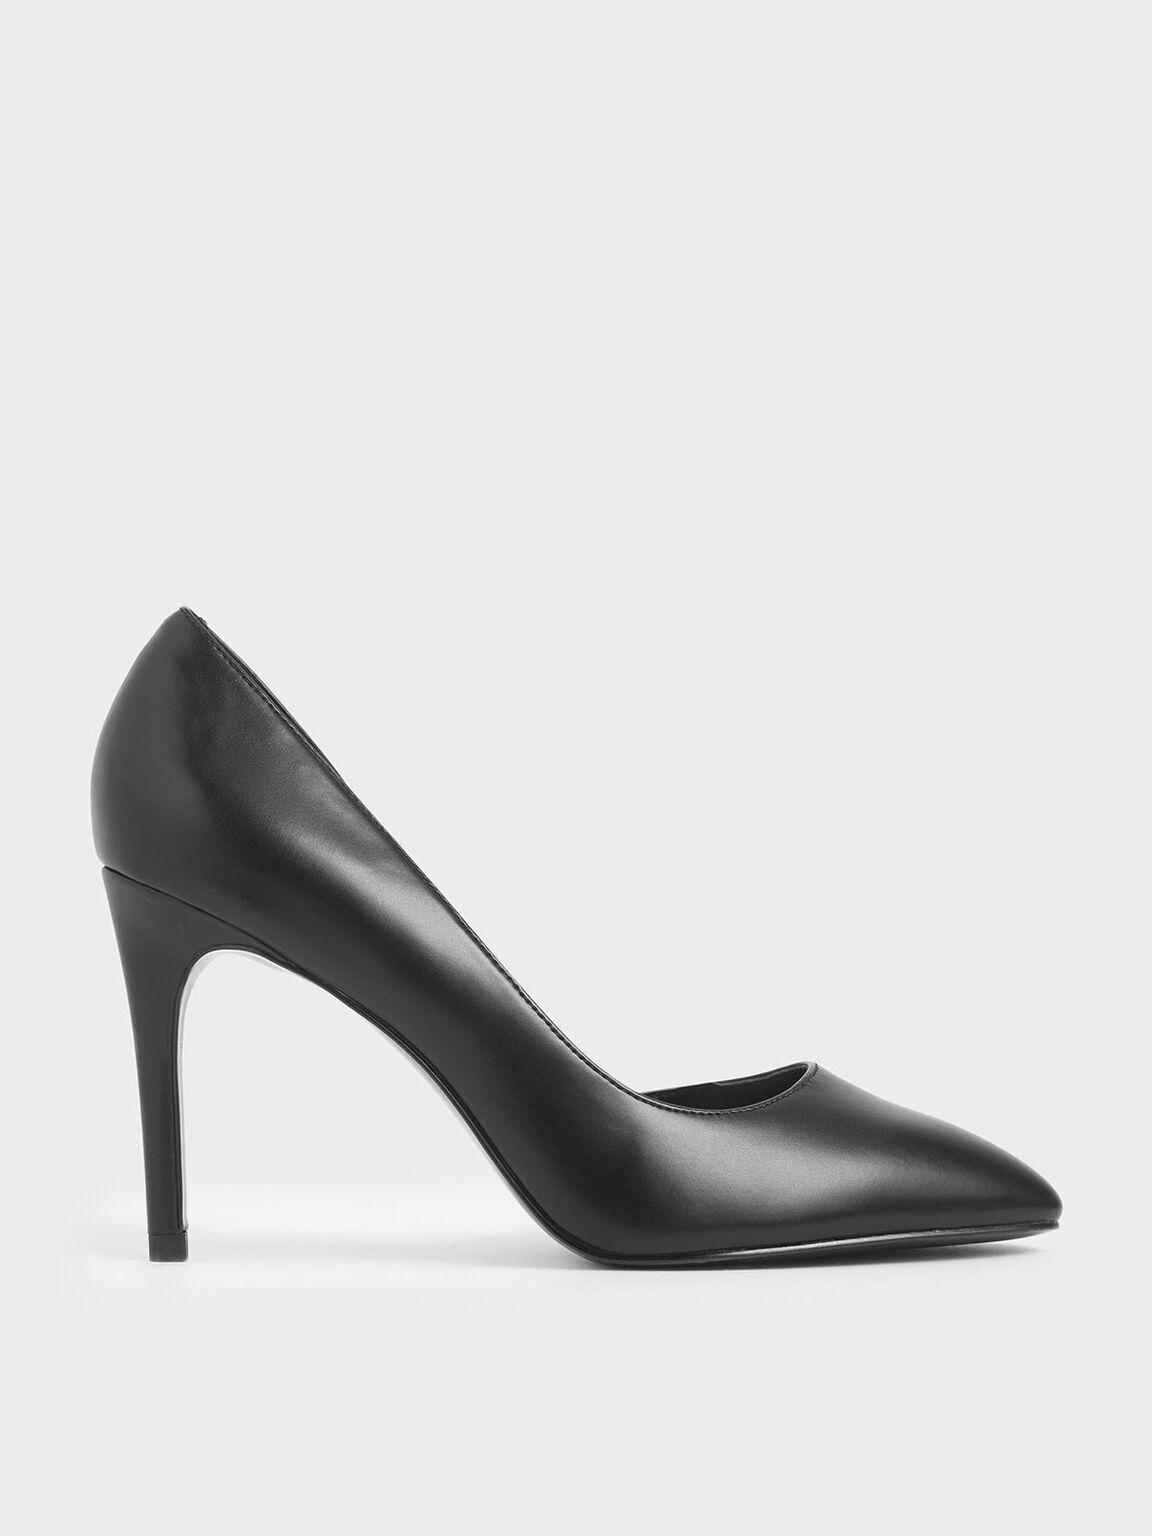 D'Orsay Stiletto Pumps, Black, hi-res